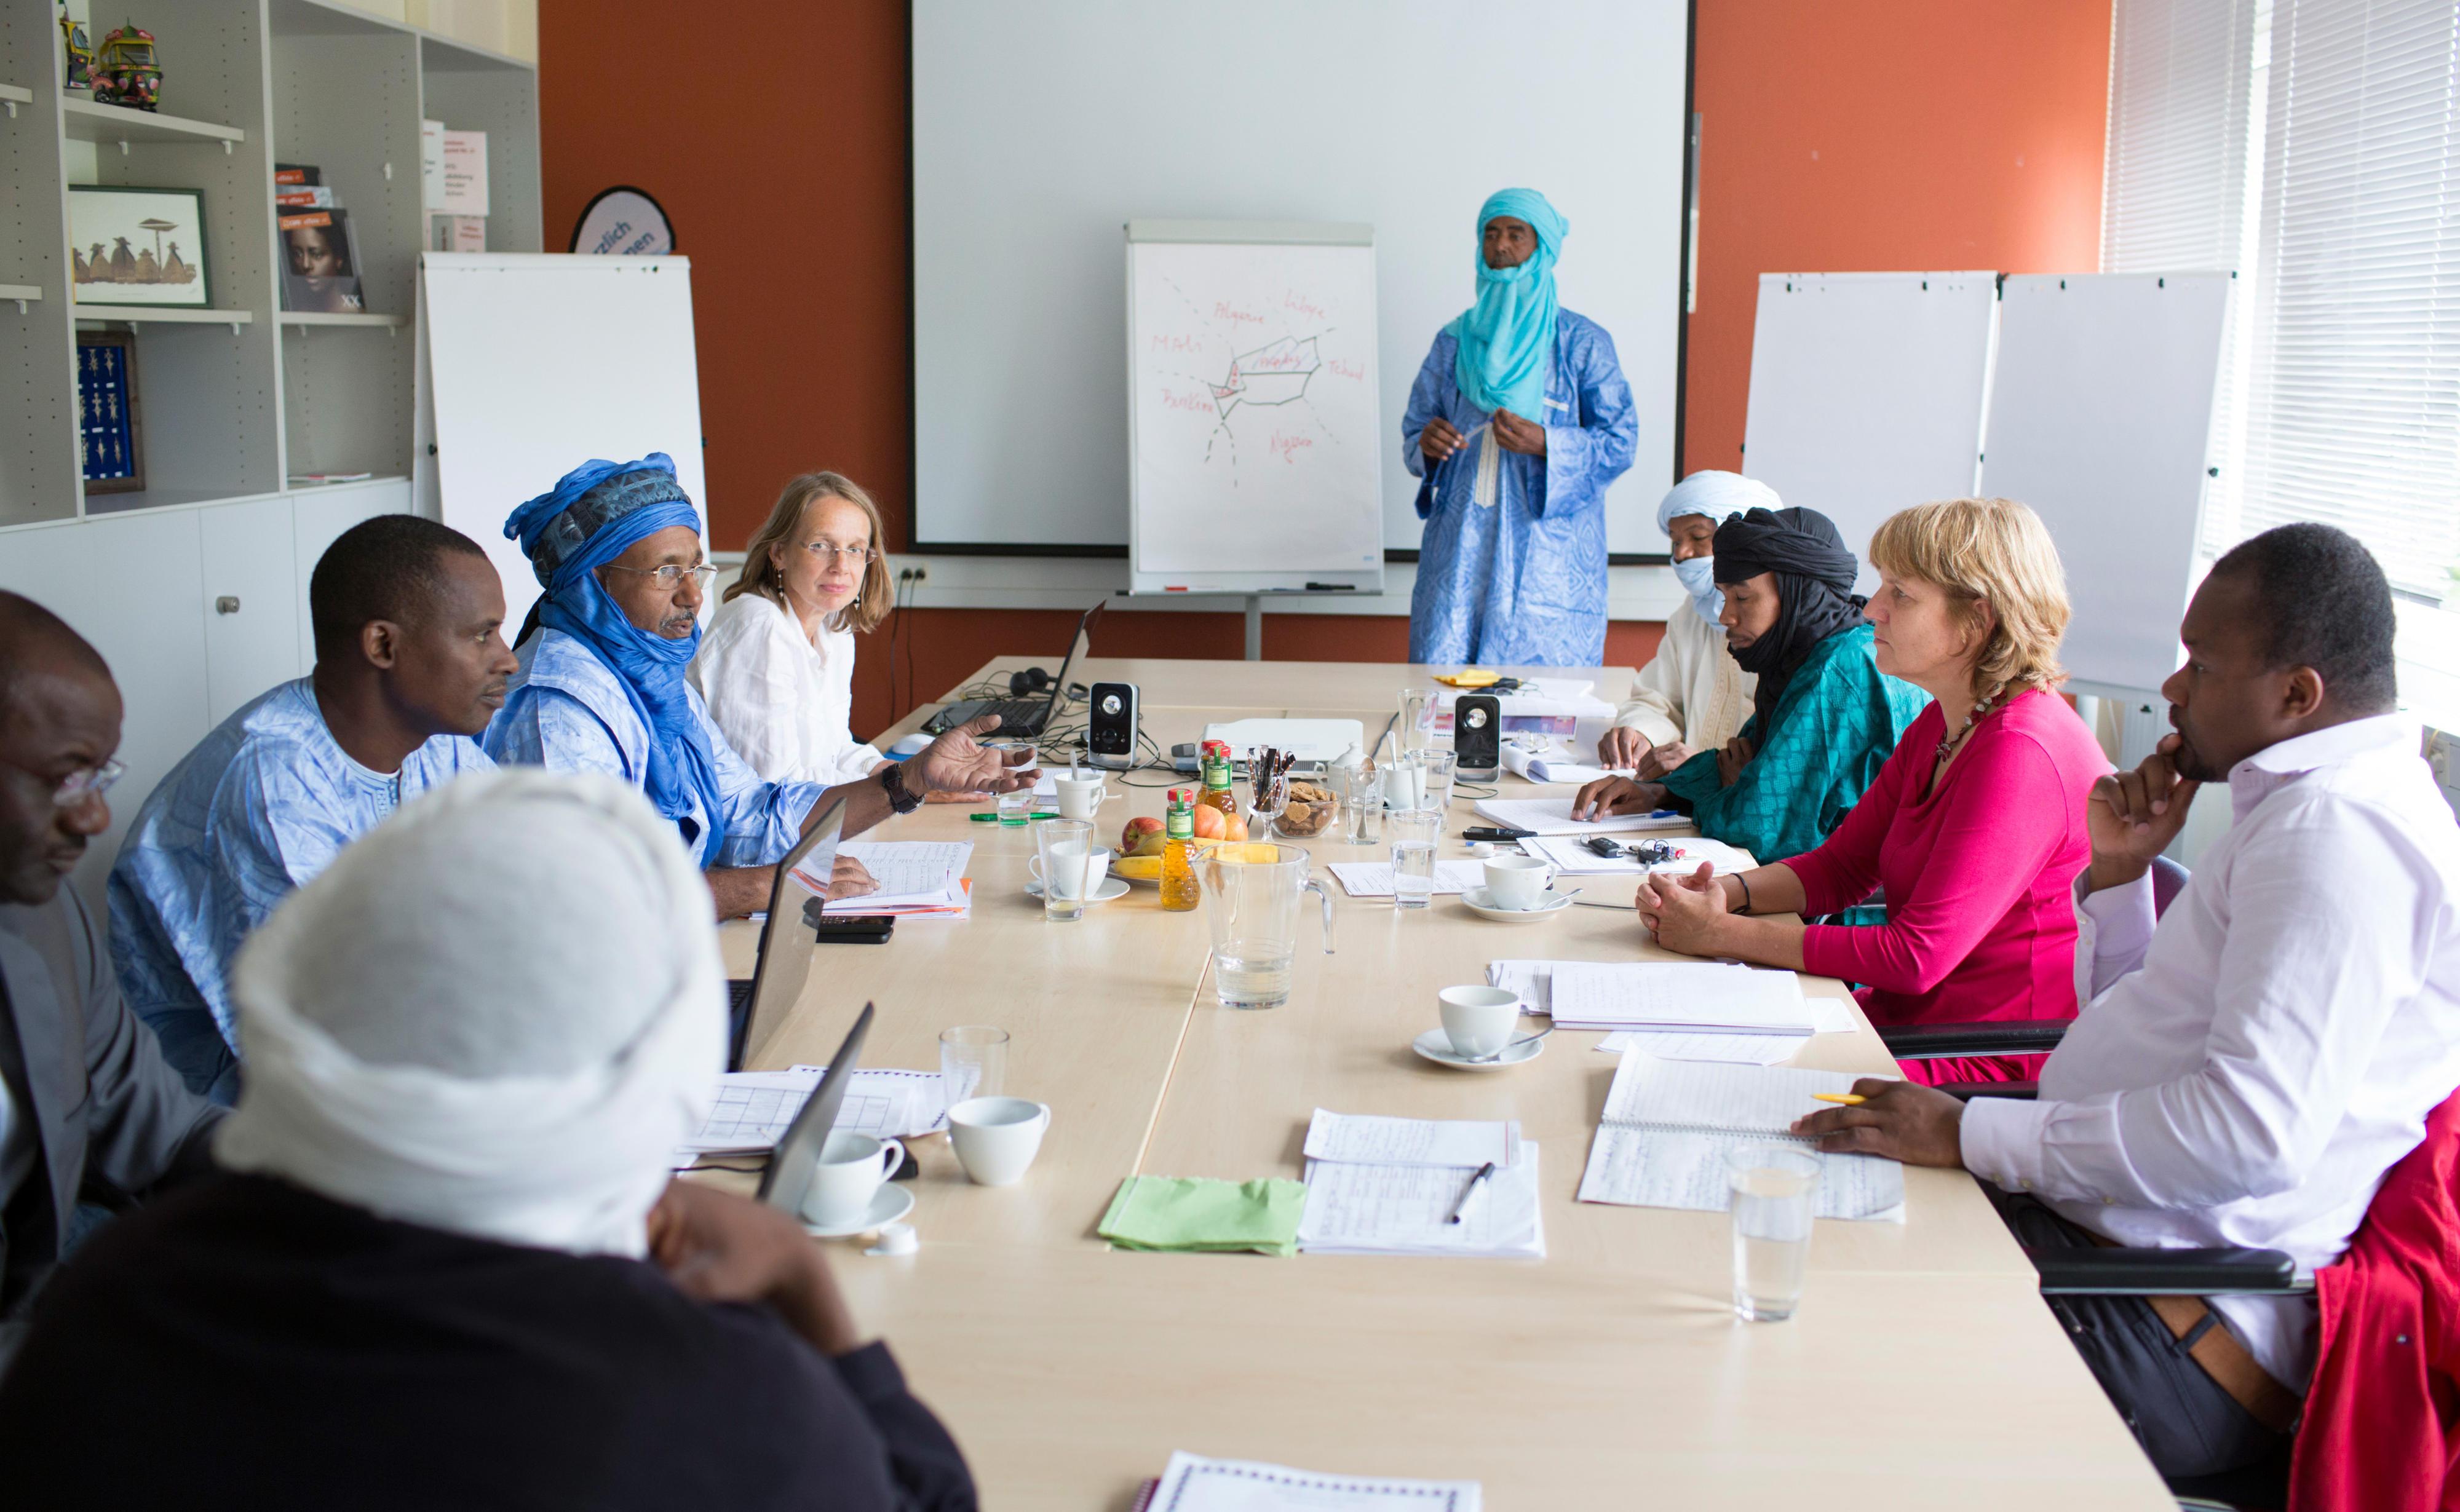 Mitarbeiter der Hilfsorganisation CARE International aus Mali und Niger erarbeiten einen Projektantrag zur Bekämpfung von Fluchtursachen in der Region Mali-Nord und Niger-Nord.